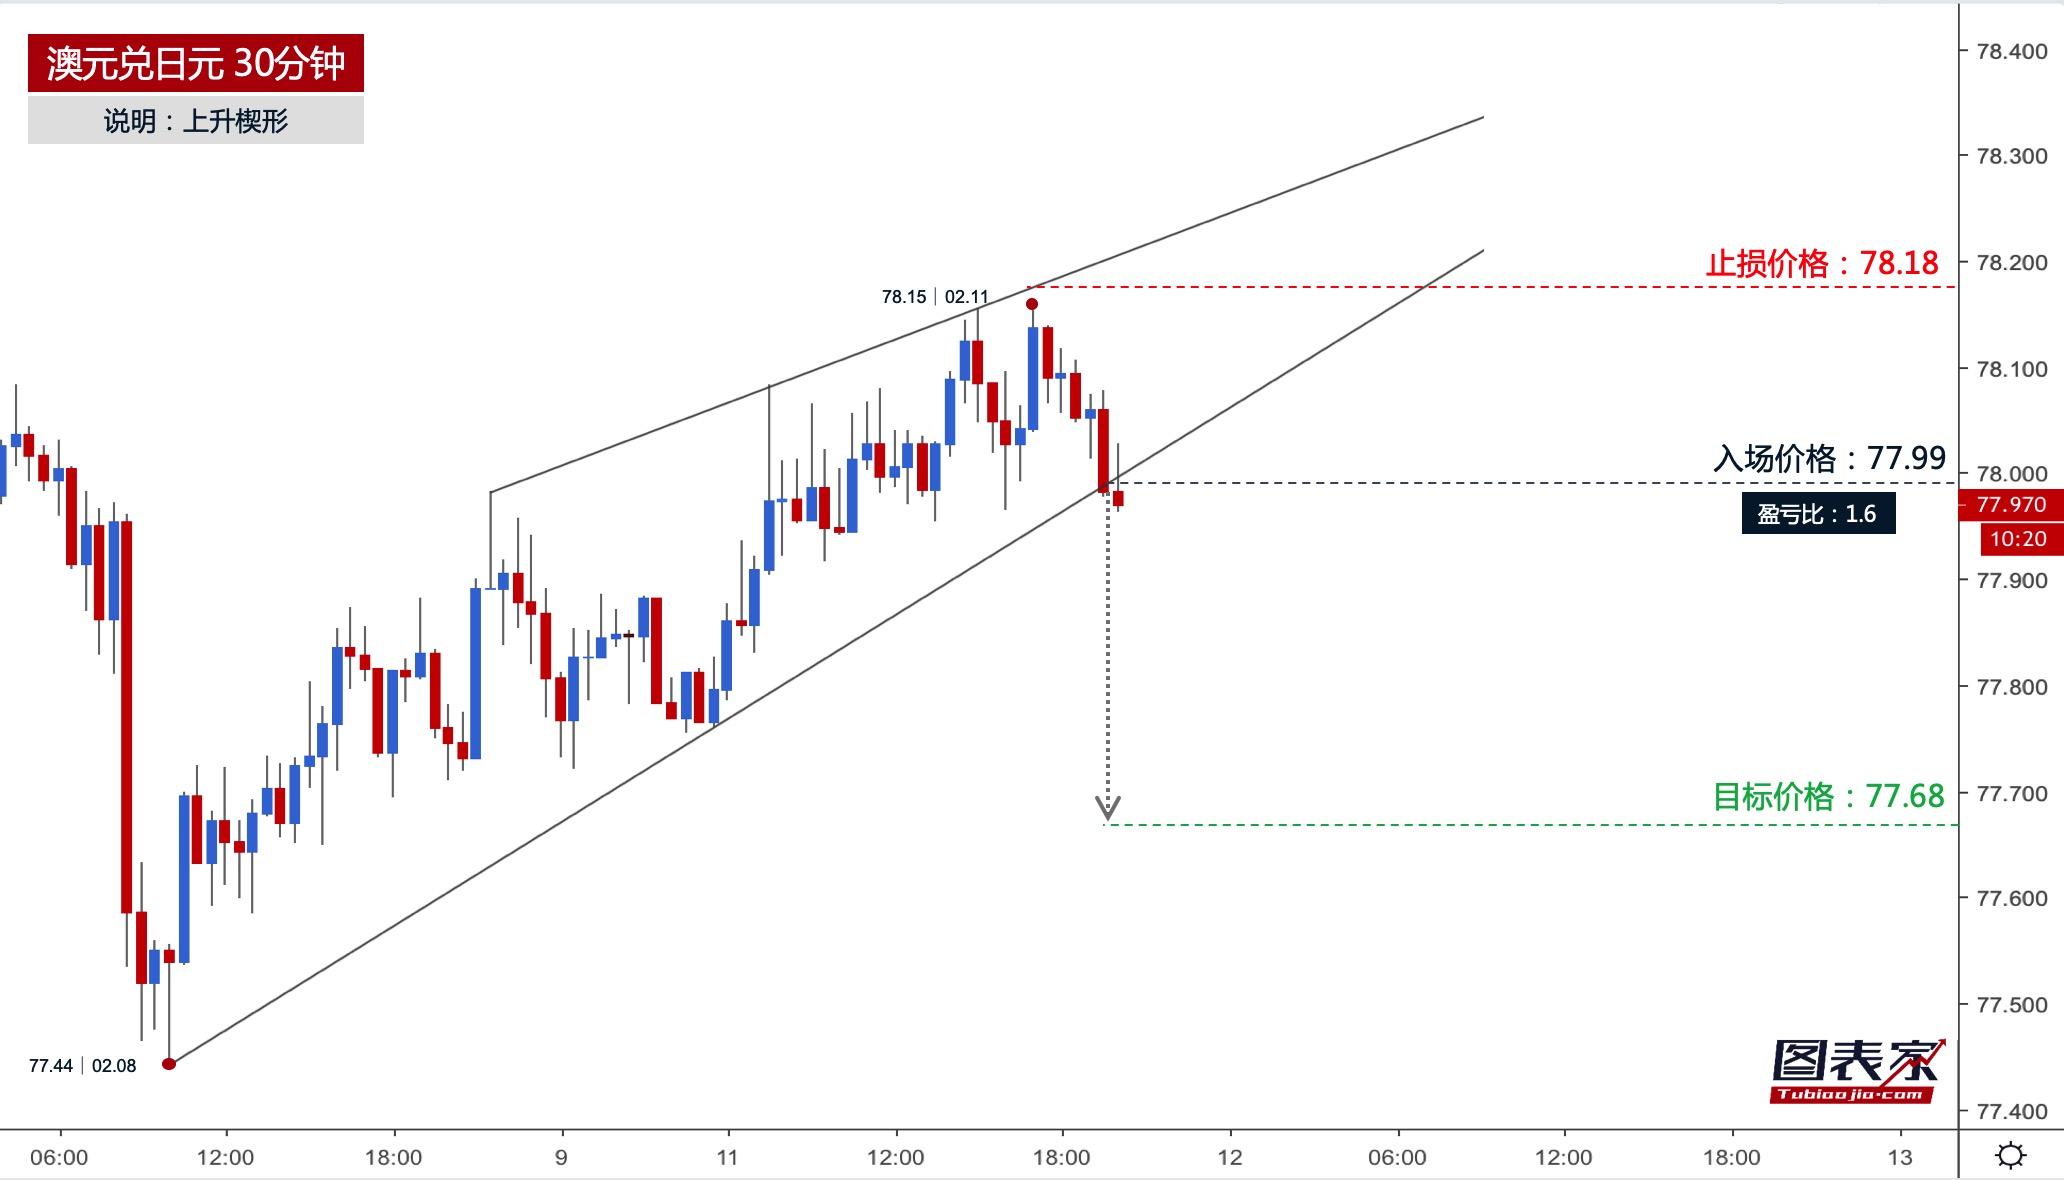 澳元兑日元跌破楔形下轨,目标见77.68-图表家